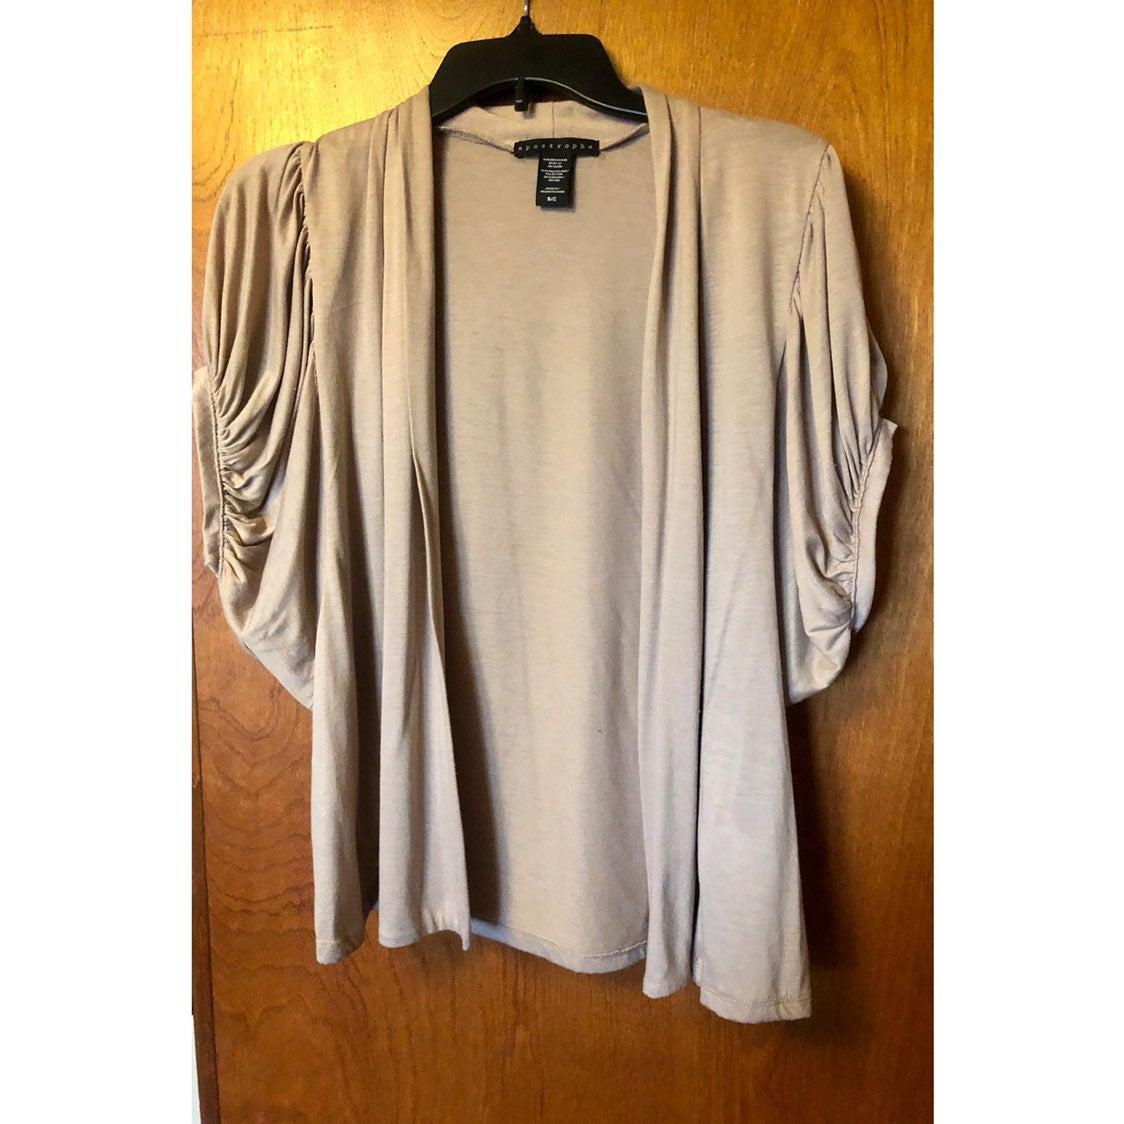 Apostrophe Beige Lightweight Sweater